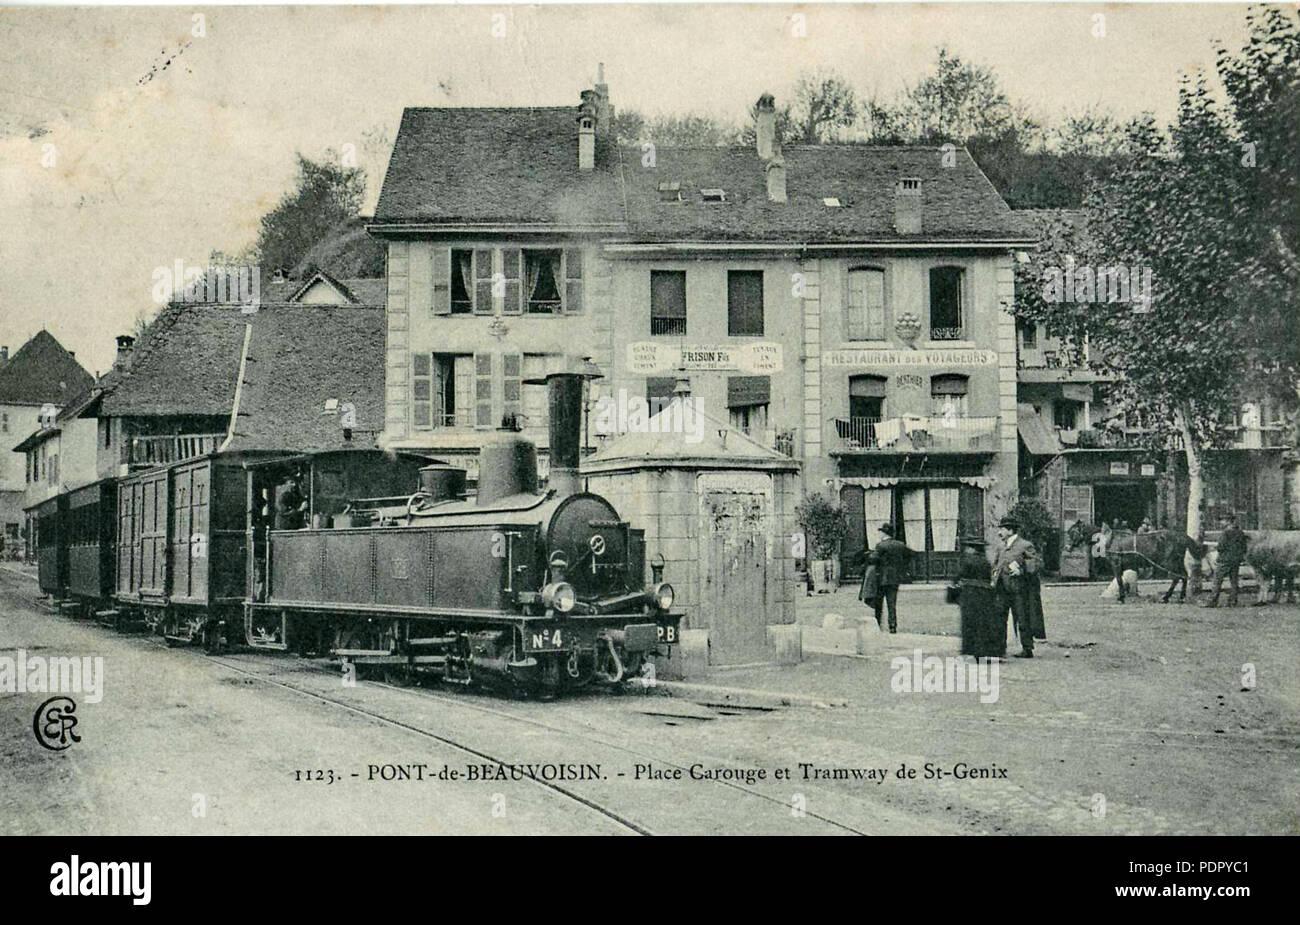 123 ER 1123 - PONT-DE-BEAUVOISIN - Place Carouge et Tramway de St-Genix Banque D'Images